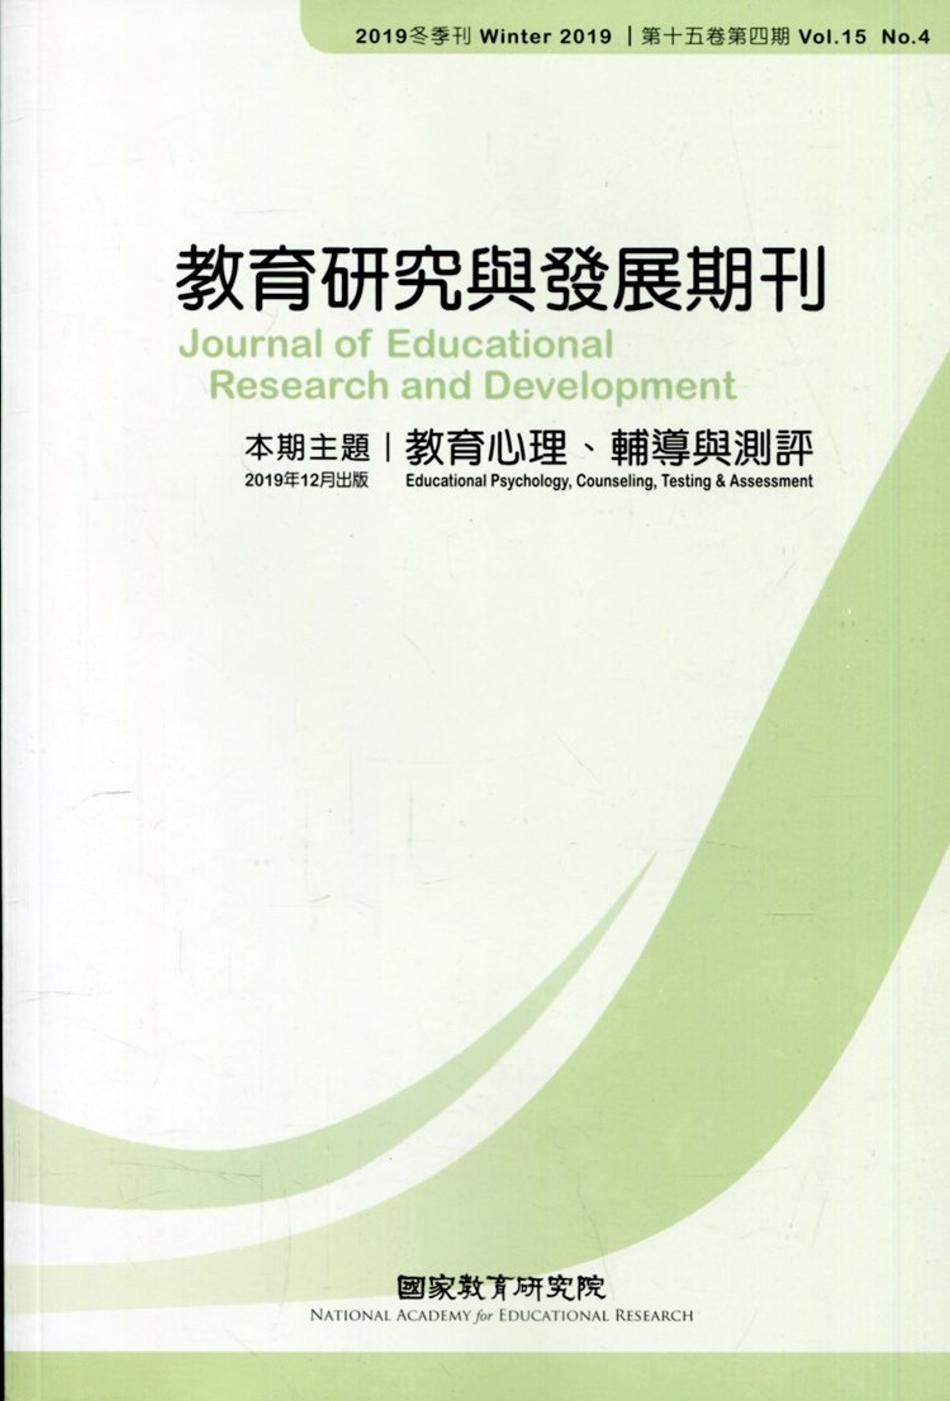 教育研究與發展期刊第15卷4期(108年冬季刊)